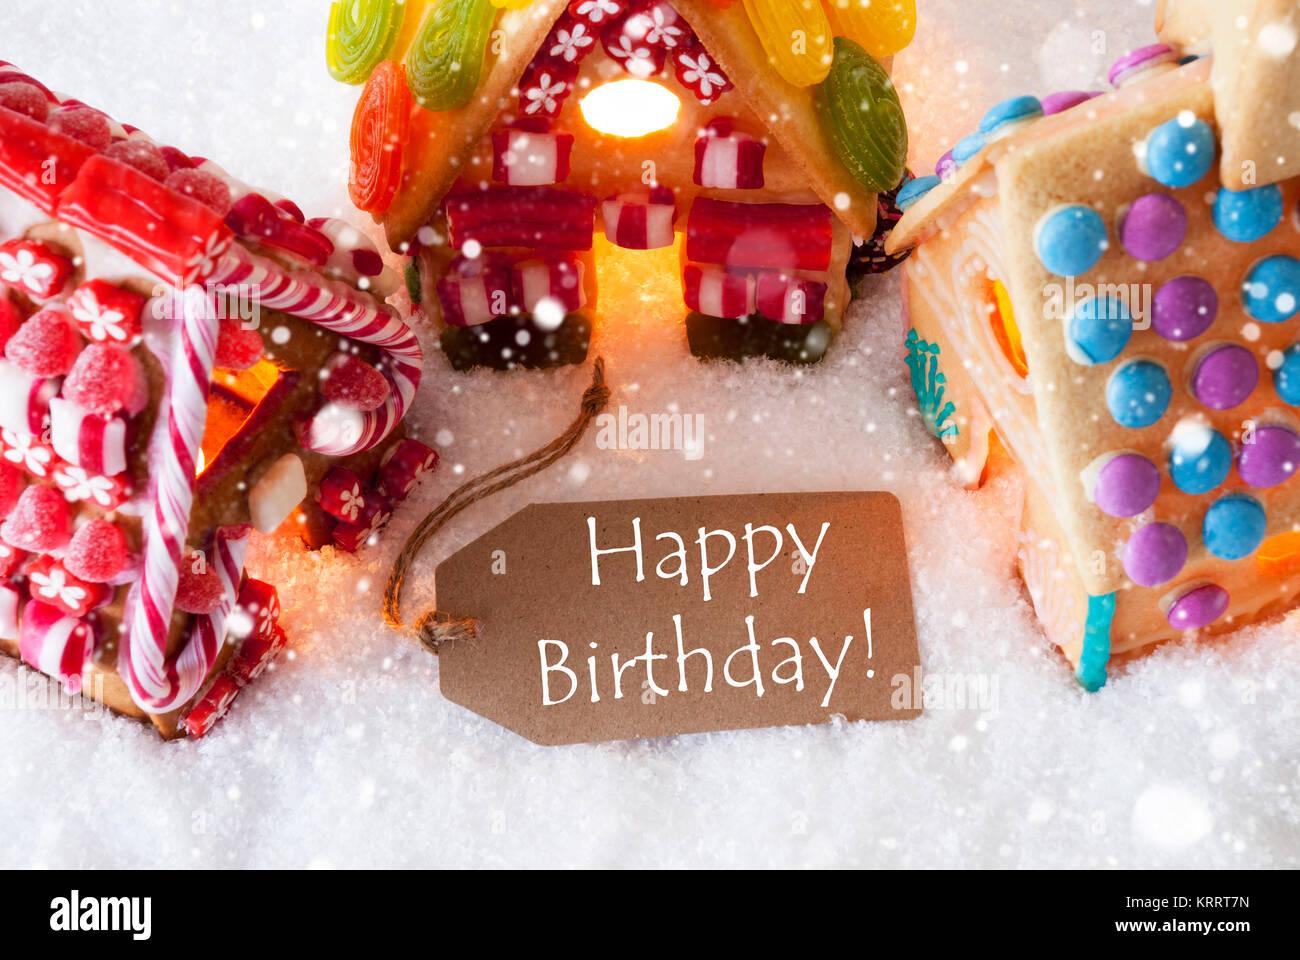 Lettera Di Auguri Di Natale In Inglese.Etichetta Con Testo In Inglese Buon Compleanno Coloratissima Casa